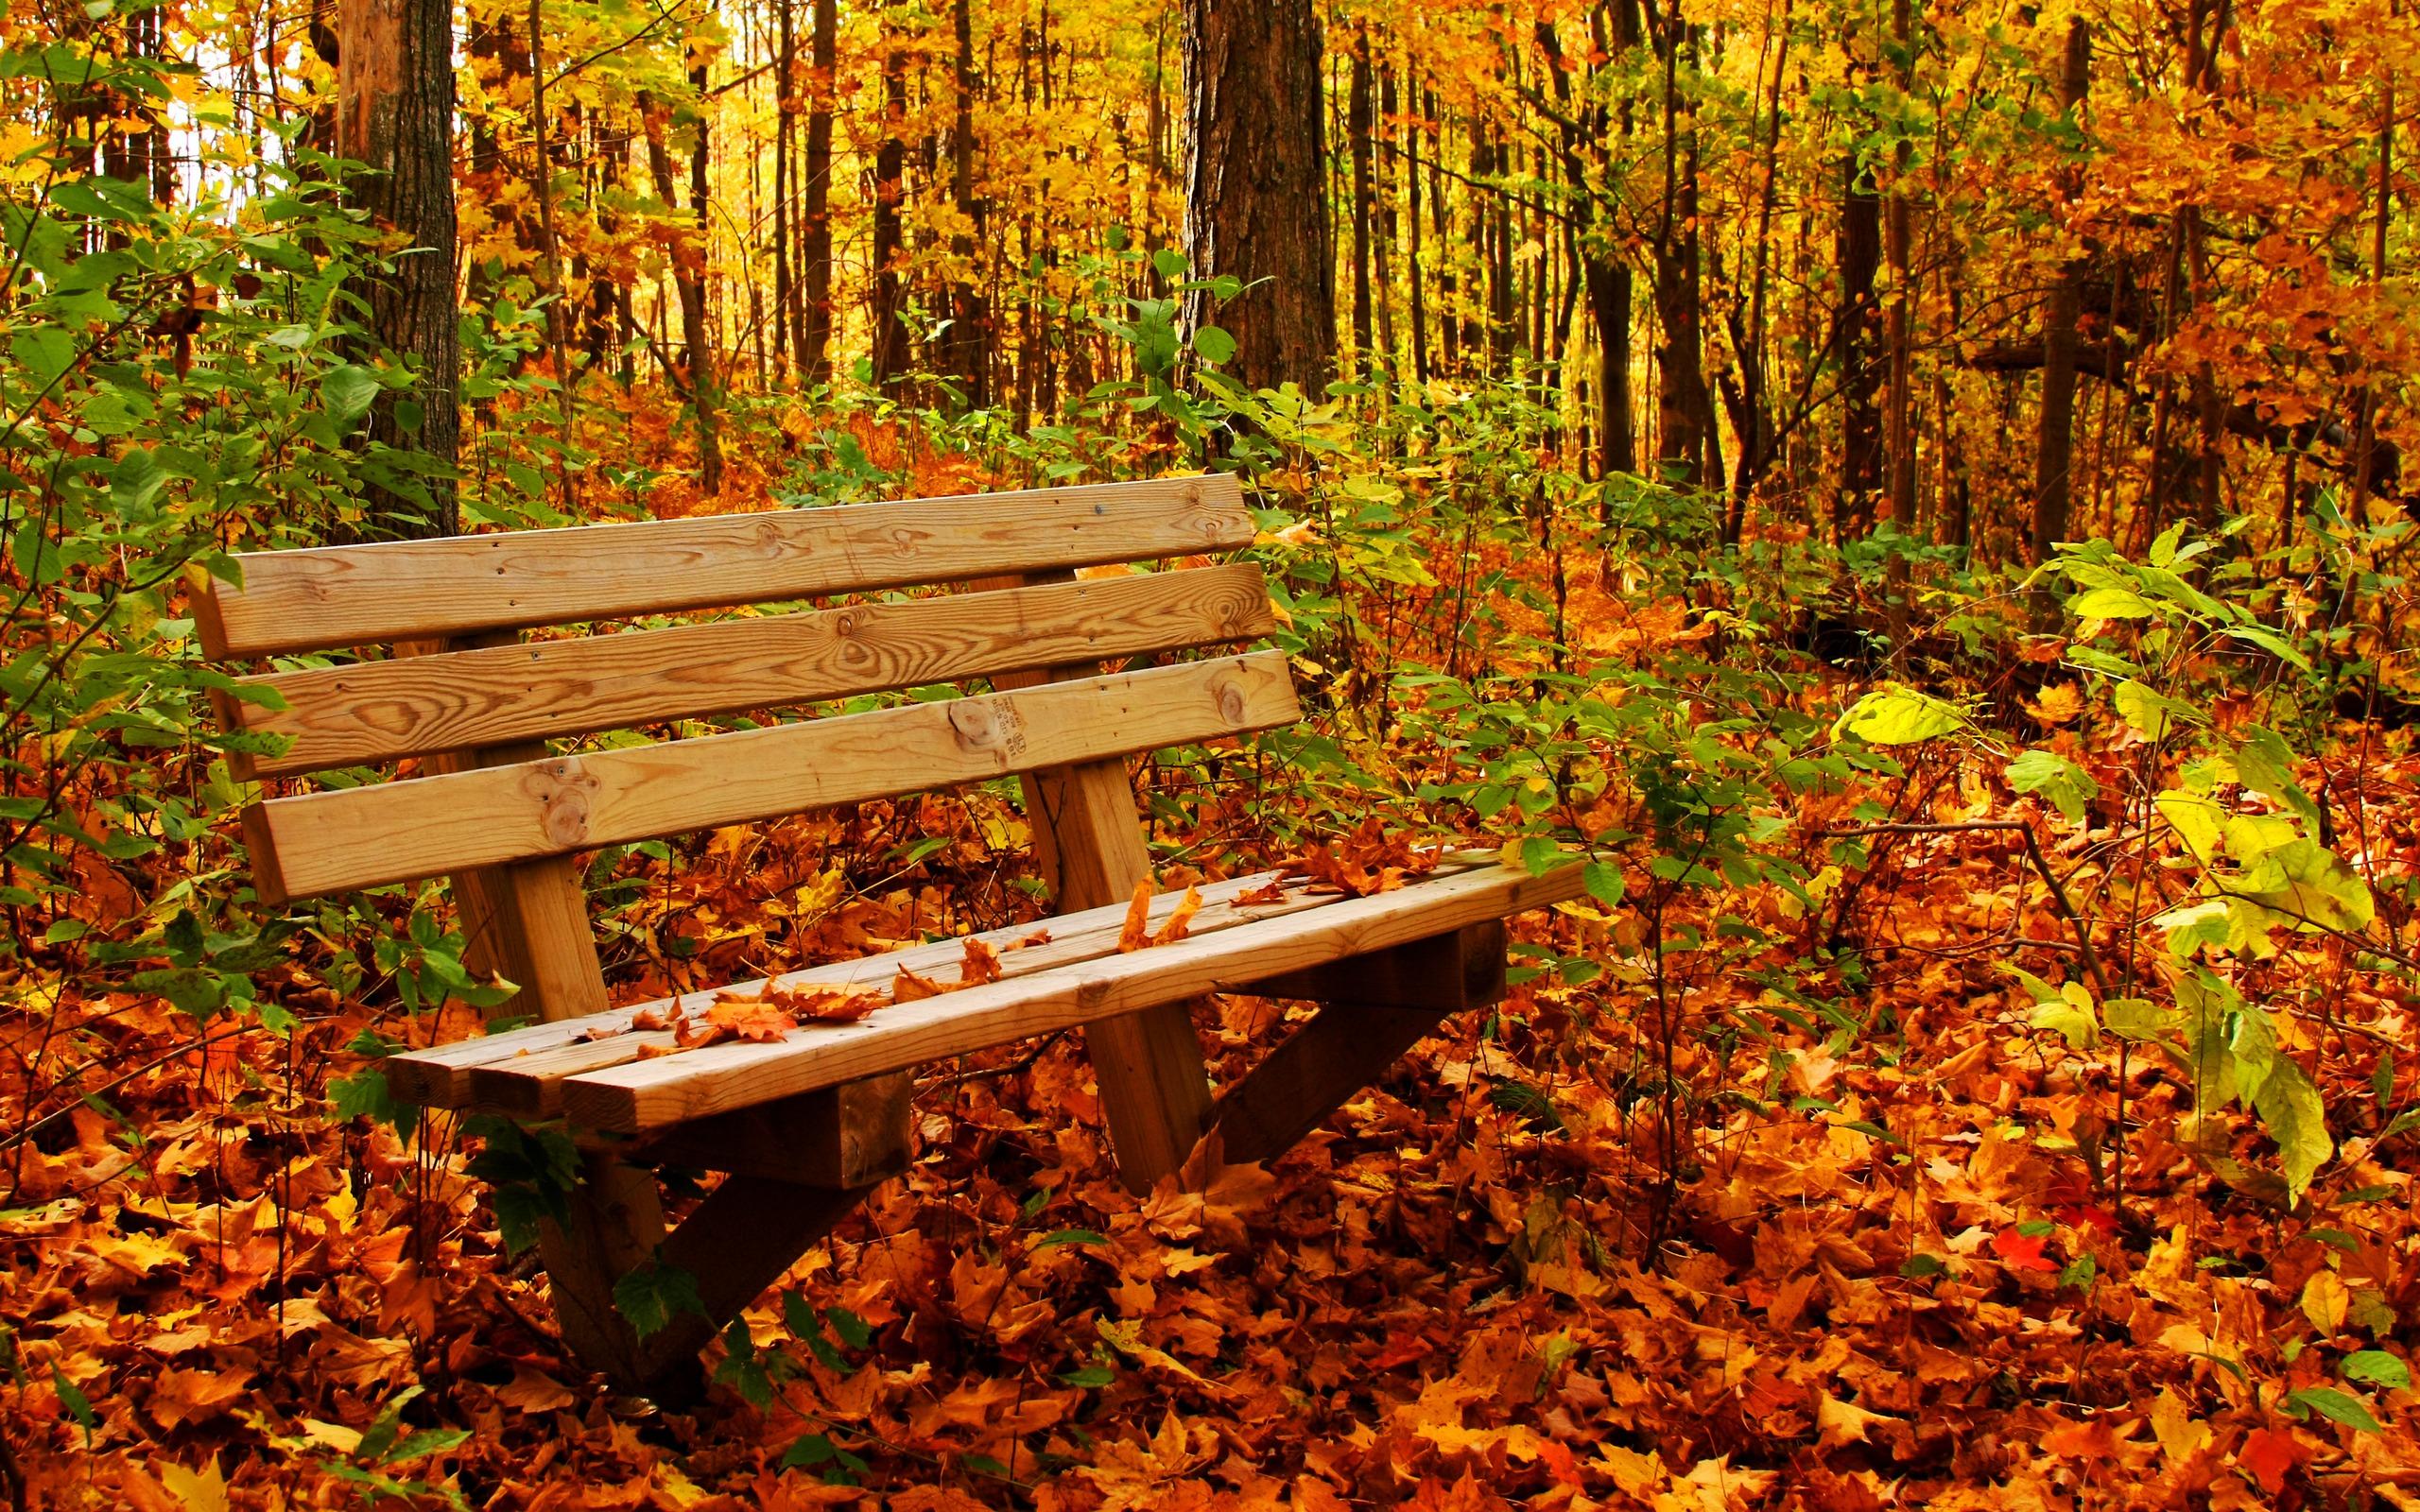 Осень листья лавка стол  № 3187448 без смс